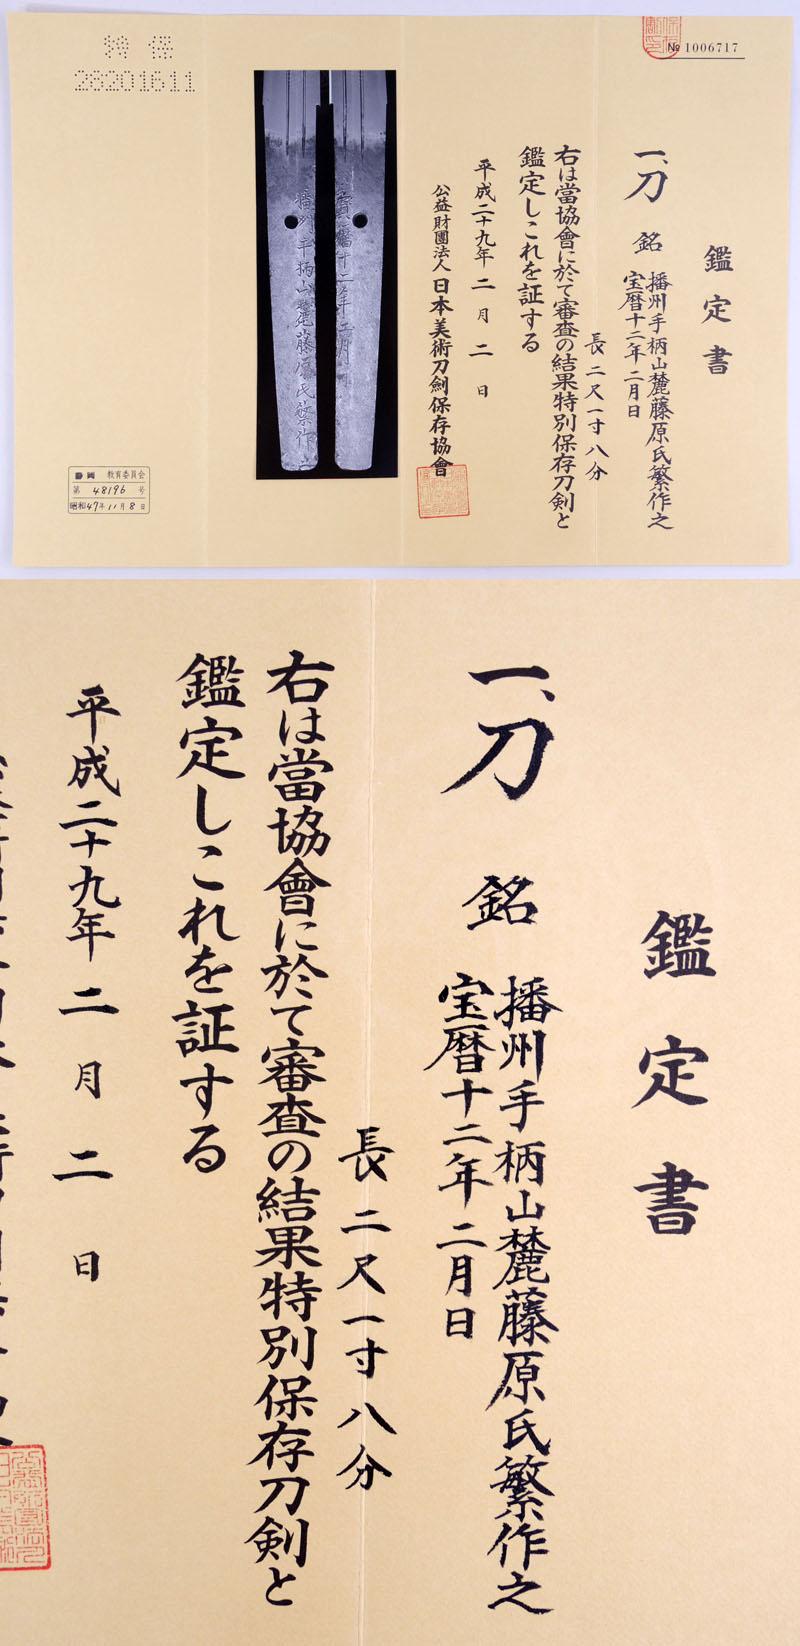 播州手柄山麓藤原氏繁作之 (二代) Picture of Certificate